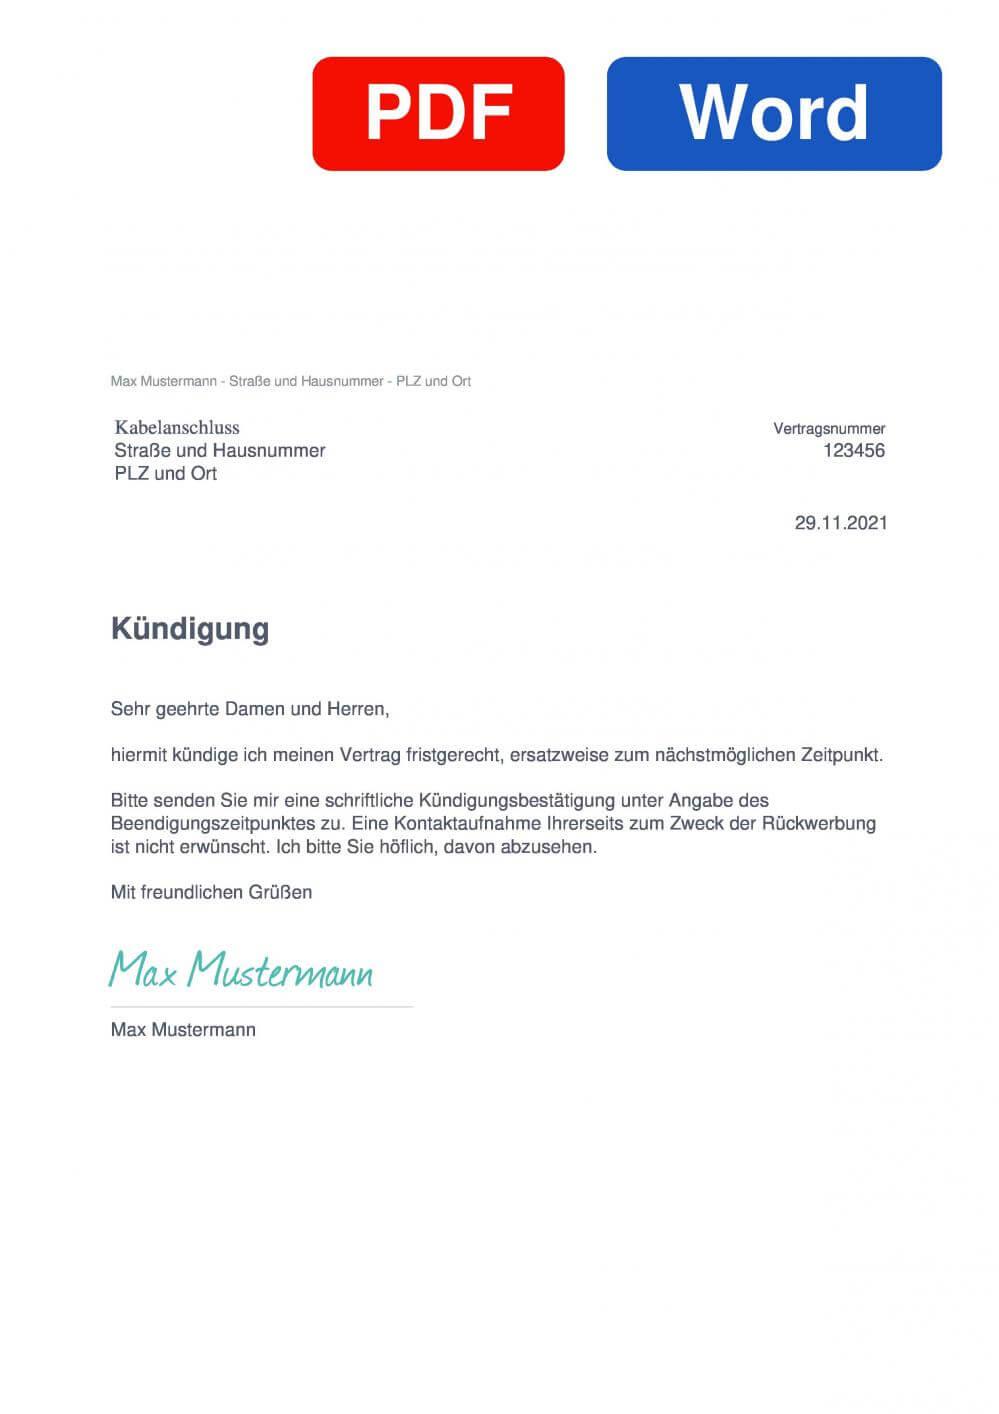 Kabelanschluss Muster Vorlage für Kündigungsschreiben